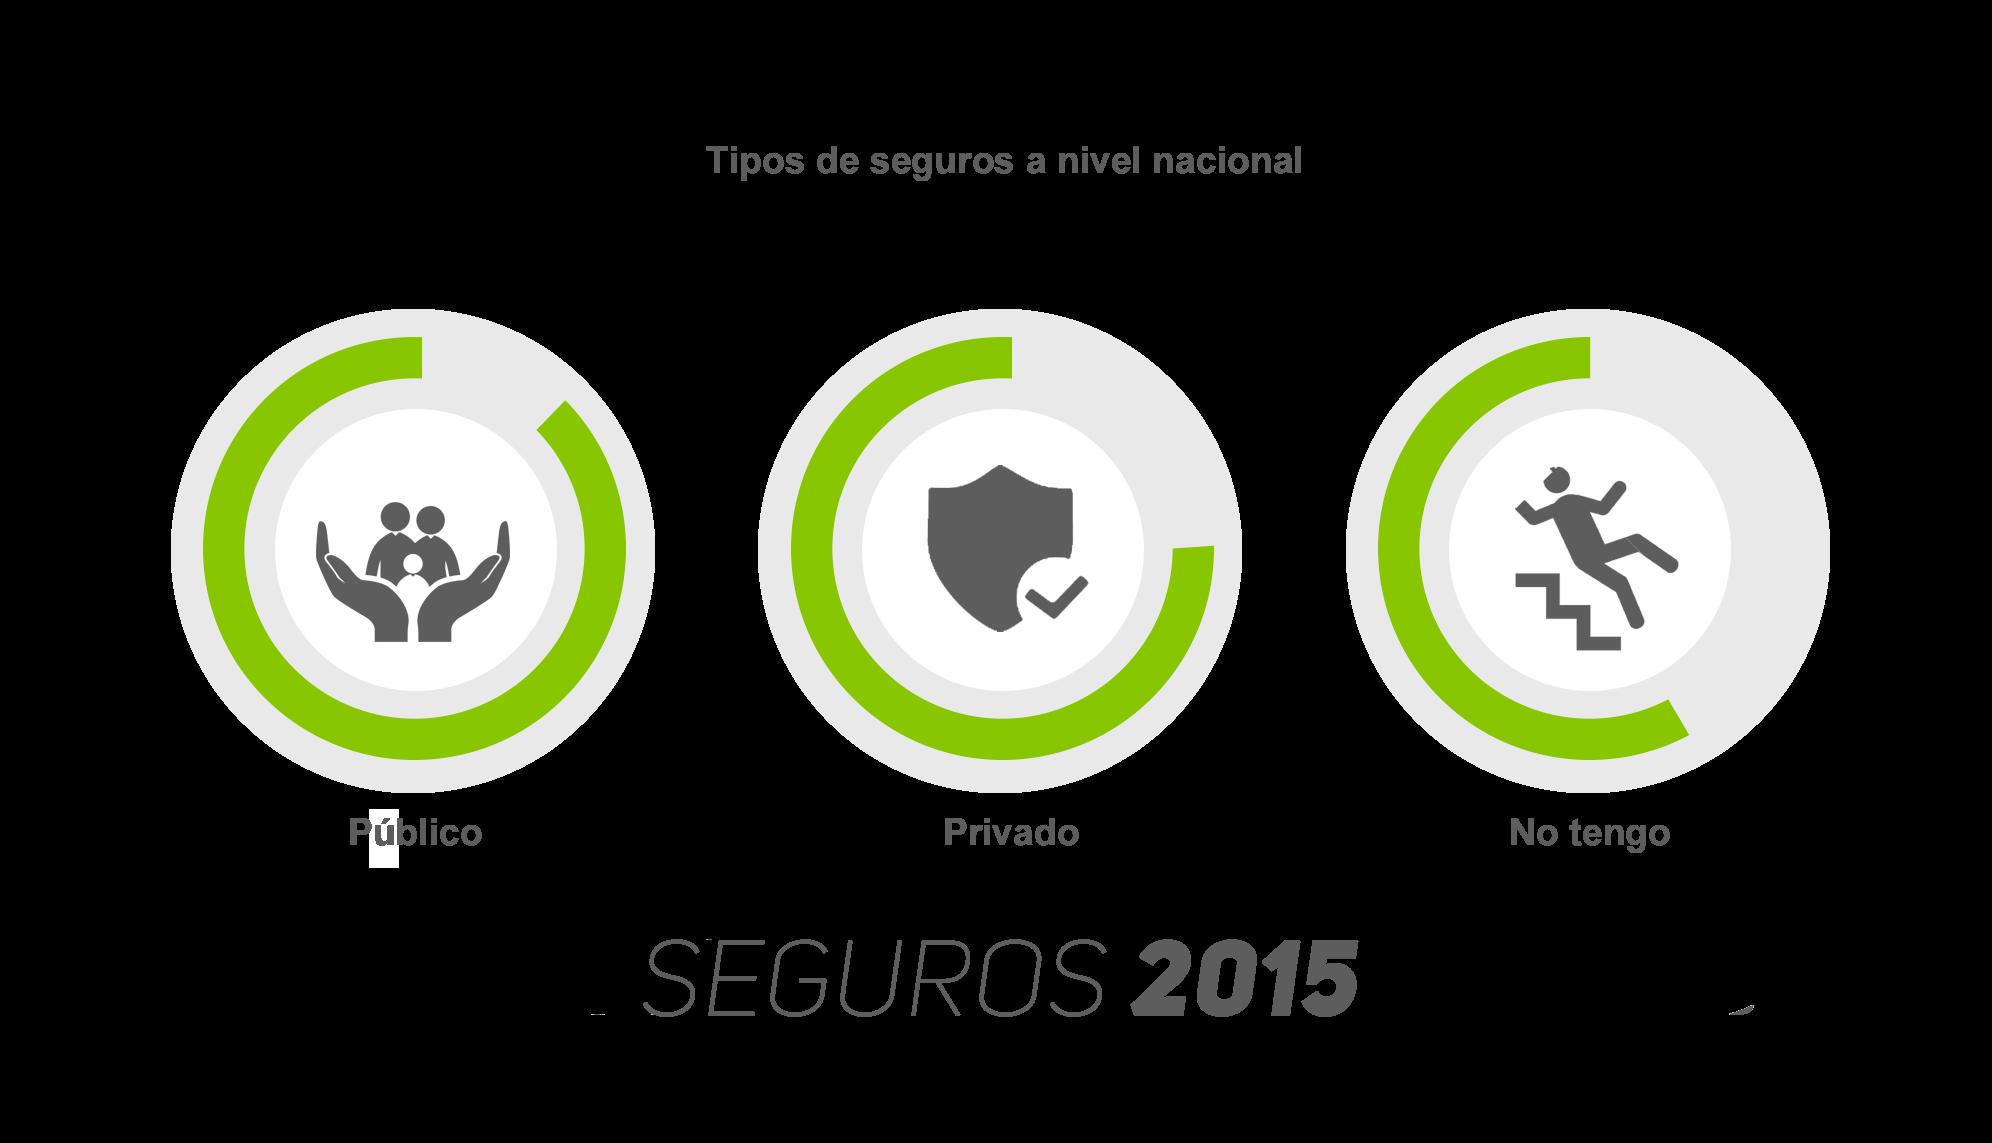 Seguros 2015